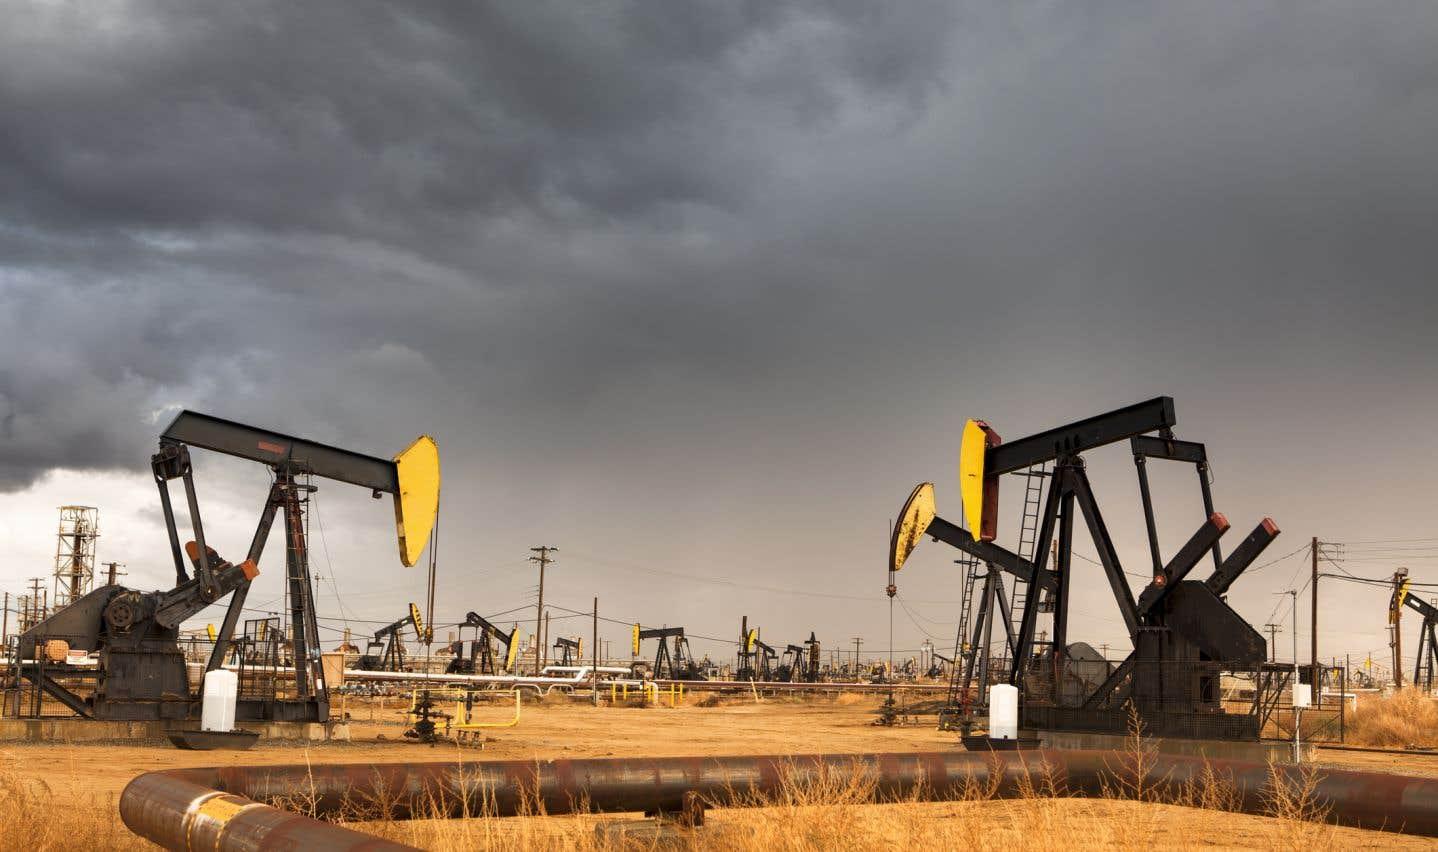 La production américaine, qui touche déjà son niveau le plus élevé en 50 ans, dépassera en 2018 les dix millions de barils de pétrole par jour.